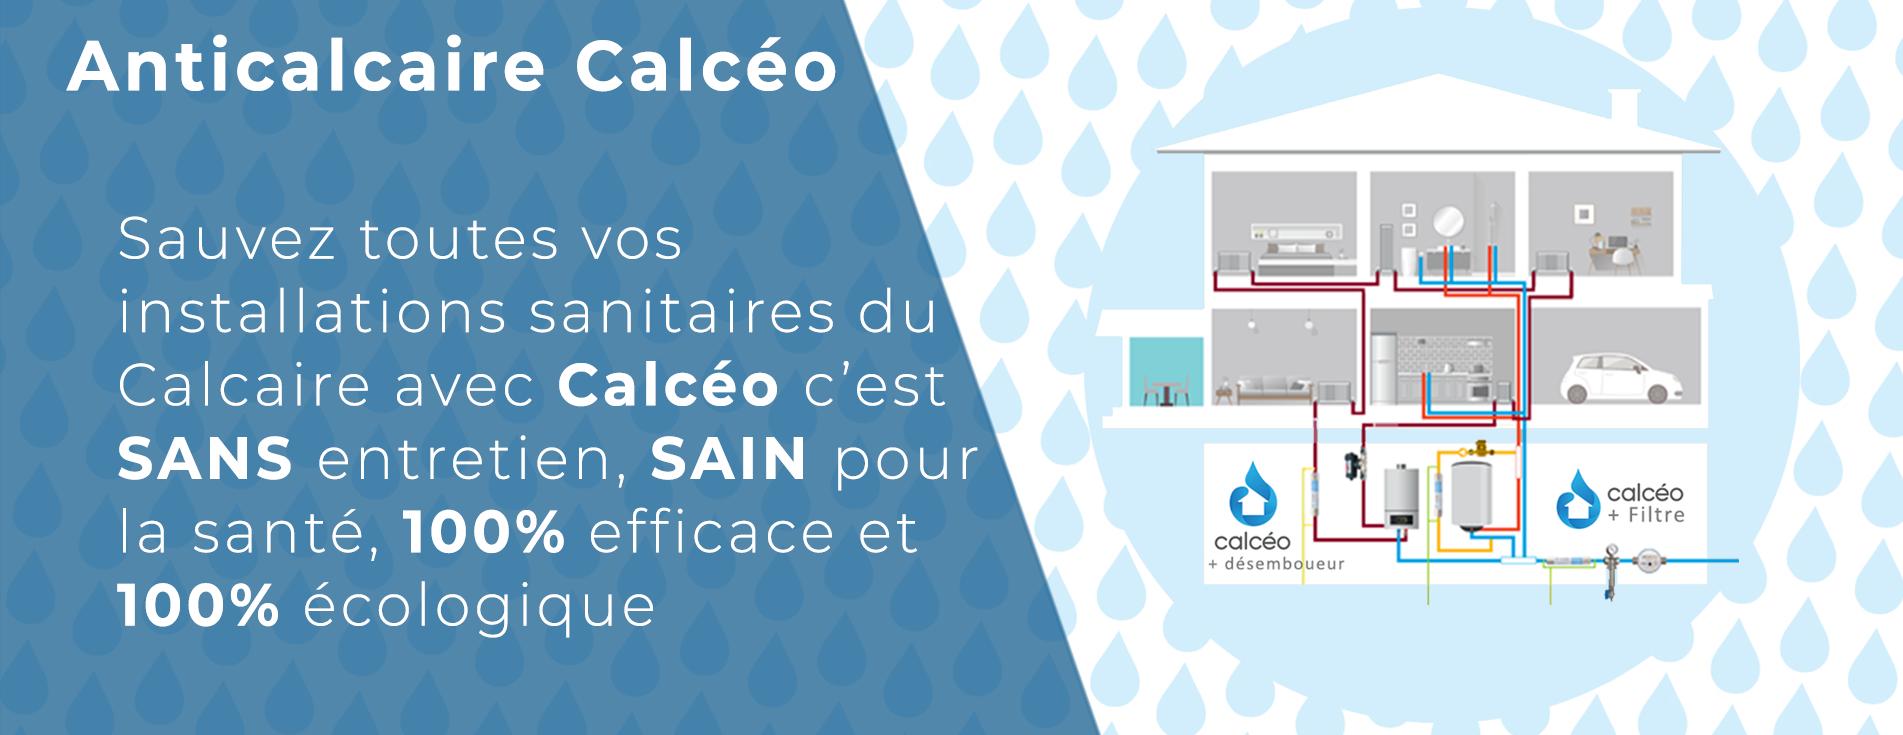 Protégez toute votre maison avec l'anticalcaire Calcéo